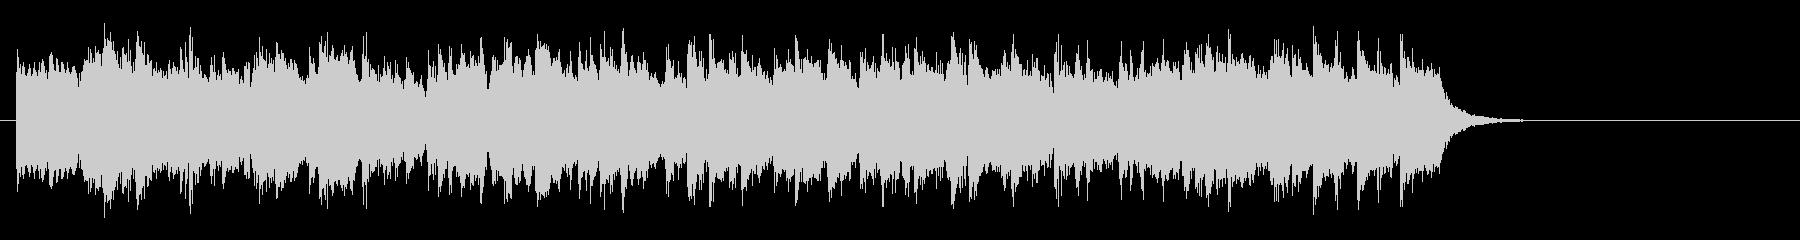 スローなピアノバラード(サビ)の未再生の波形